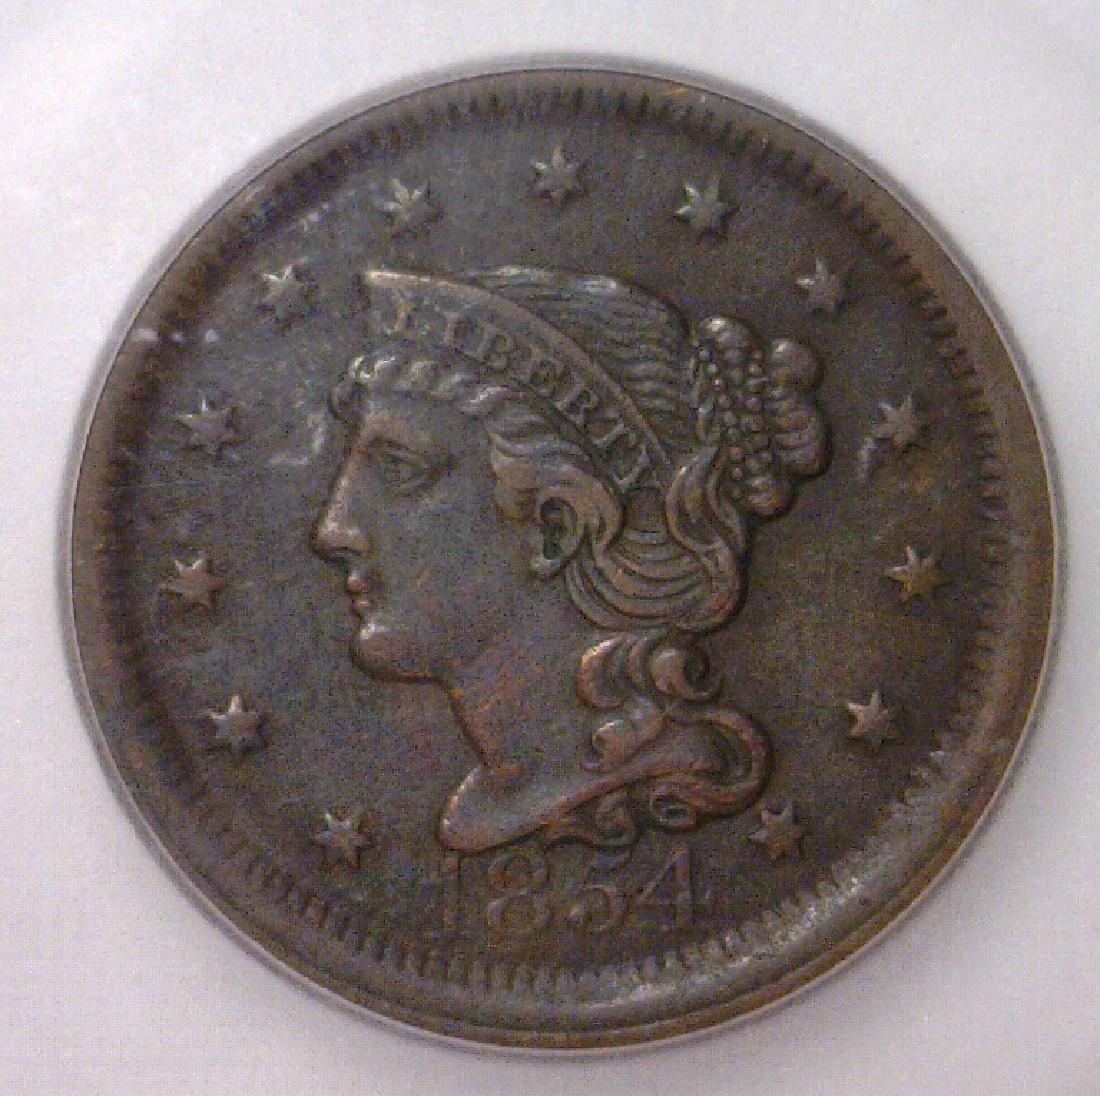 1854 Liberty Head Large Cent ICG AU53 Details